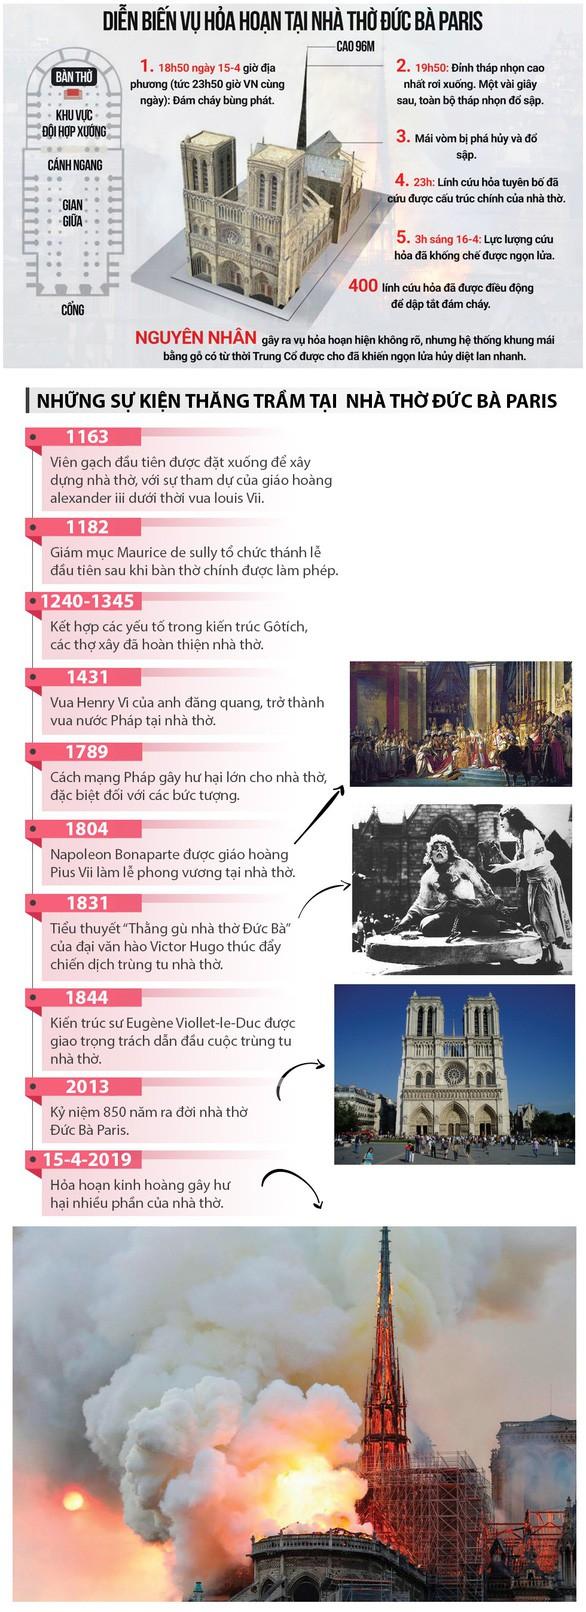 Toàn cảnh vụ cháy nhà thờ Đức Bà Paris - Ảnh 1.